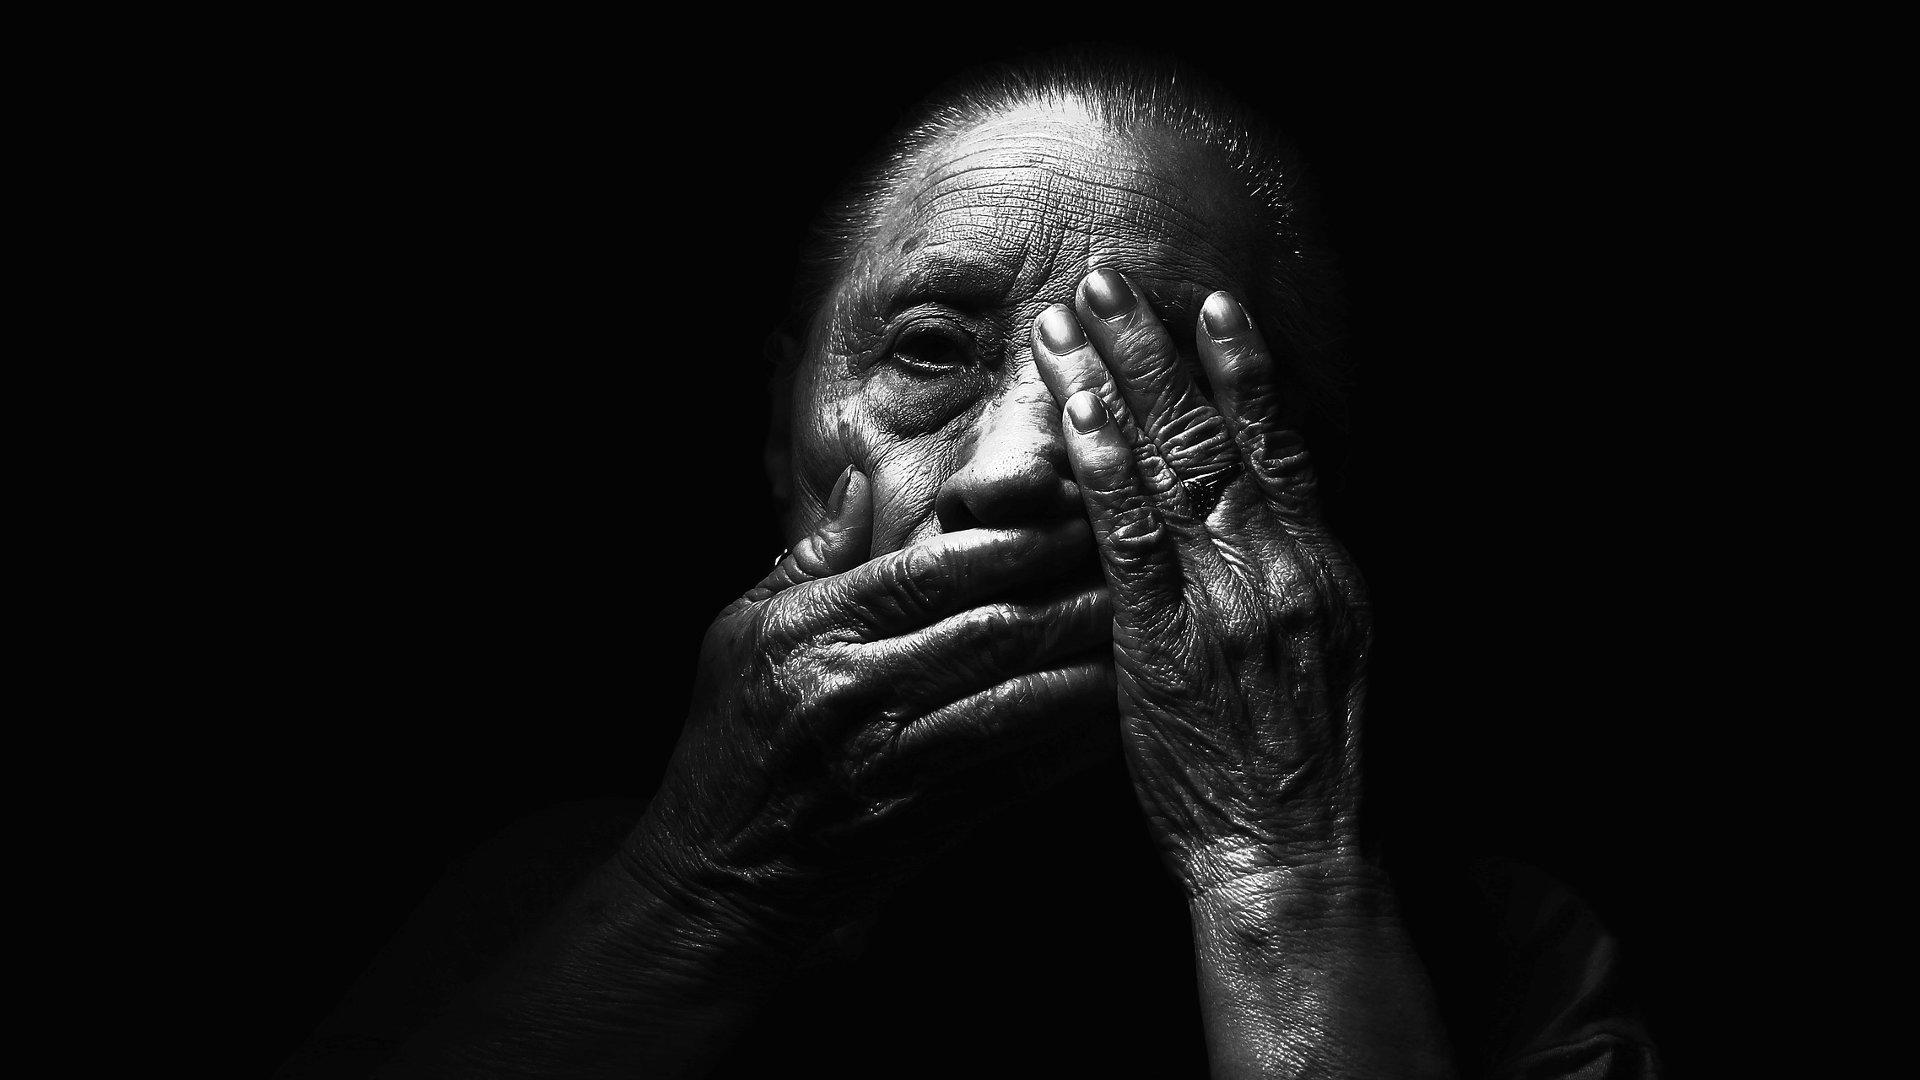 Dark Hands Aged Face Blur Adult Old Model Light